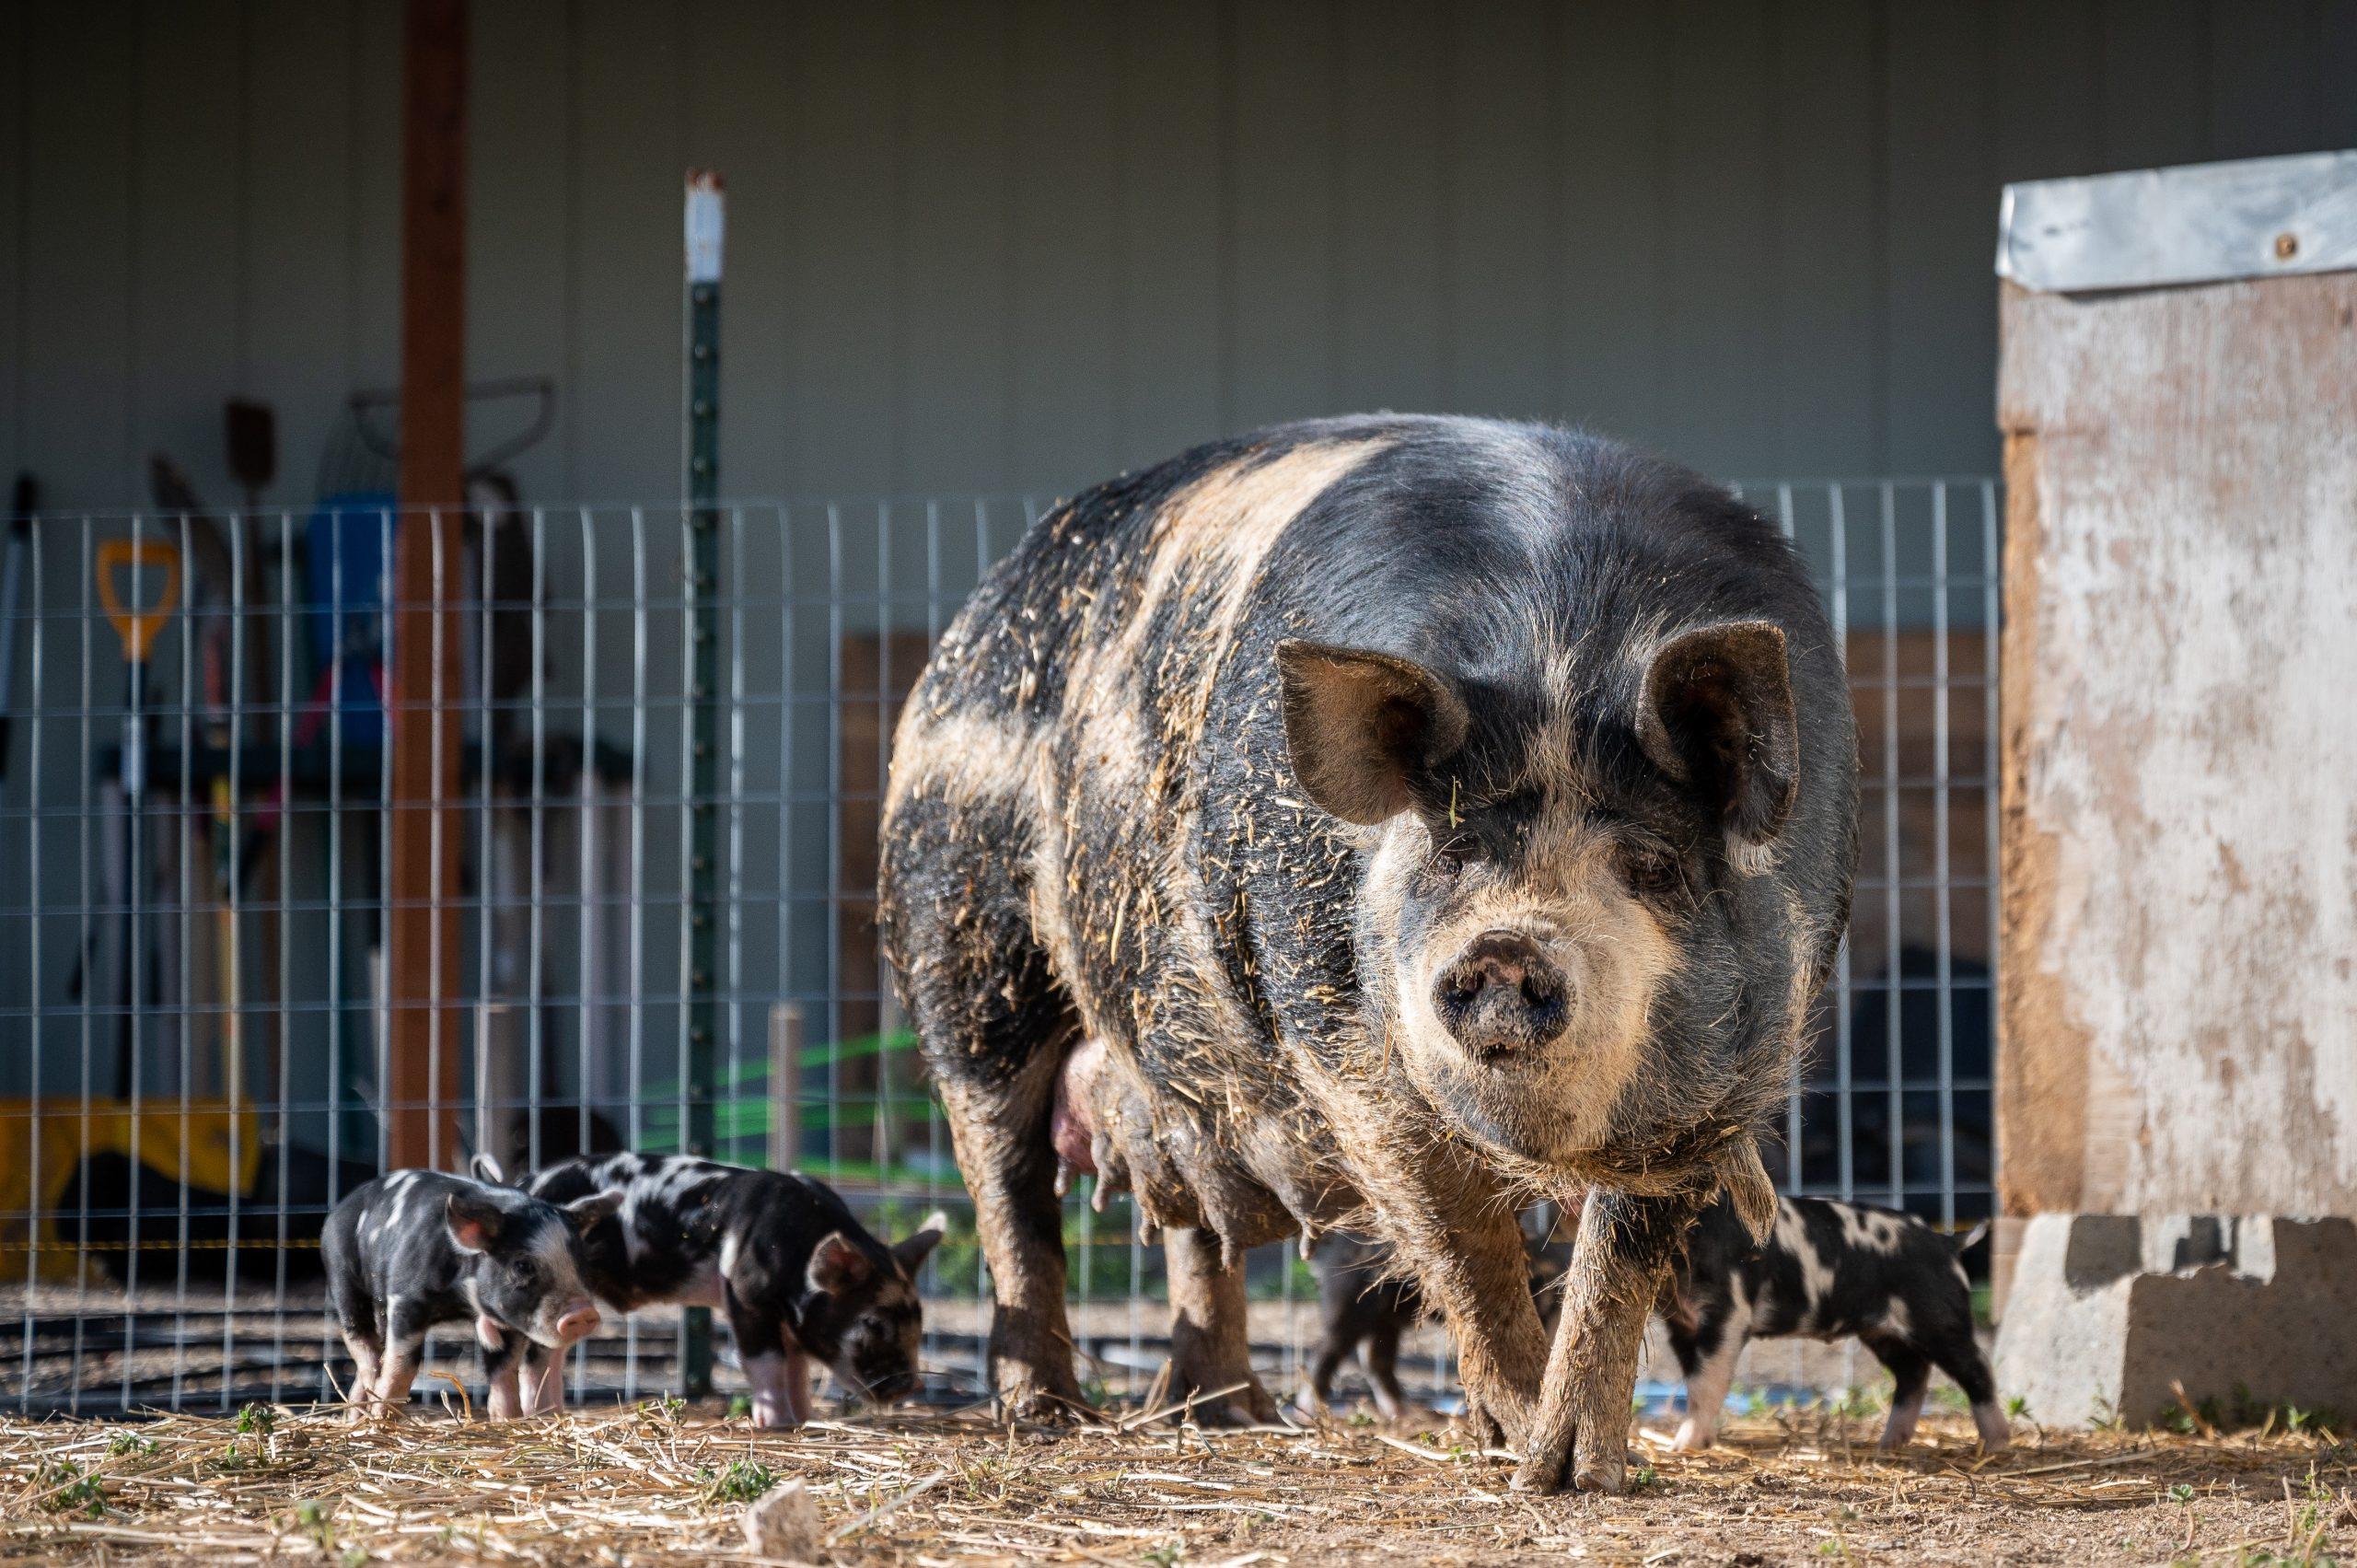 L'IA permet d'améliorer la productivité en agroalimentaire, incluant dans l'industrie porcine. Crédit Photo: Pexels/Brett Sayles